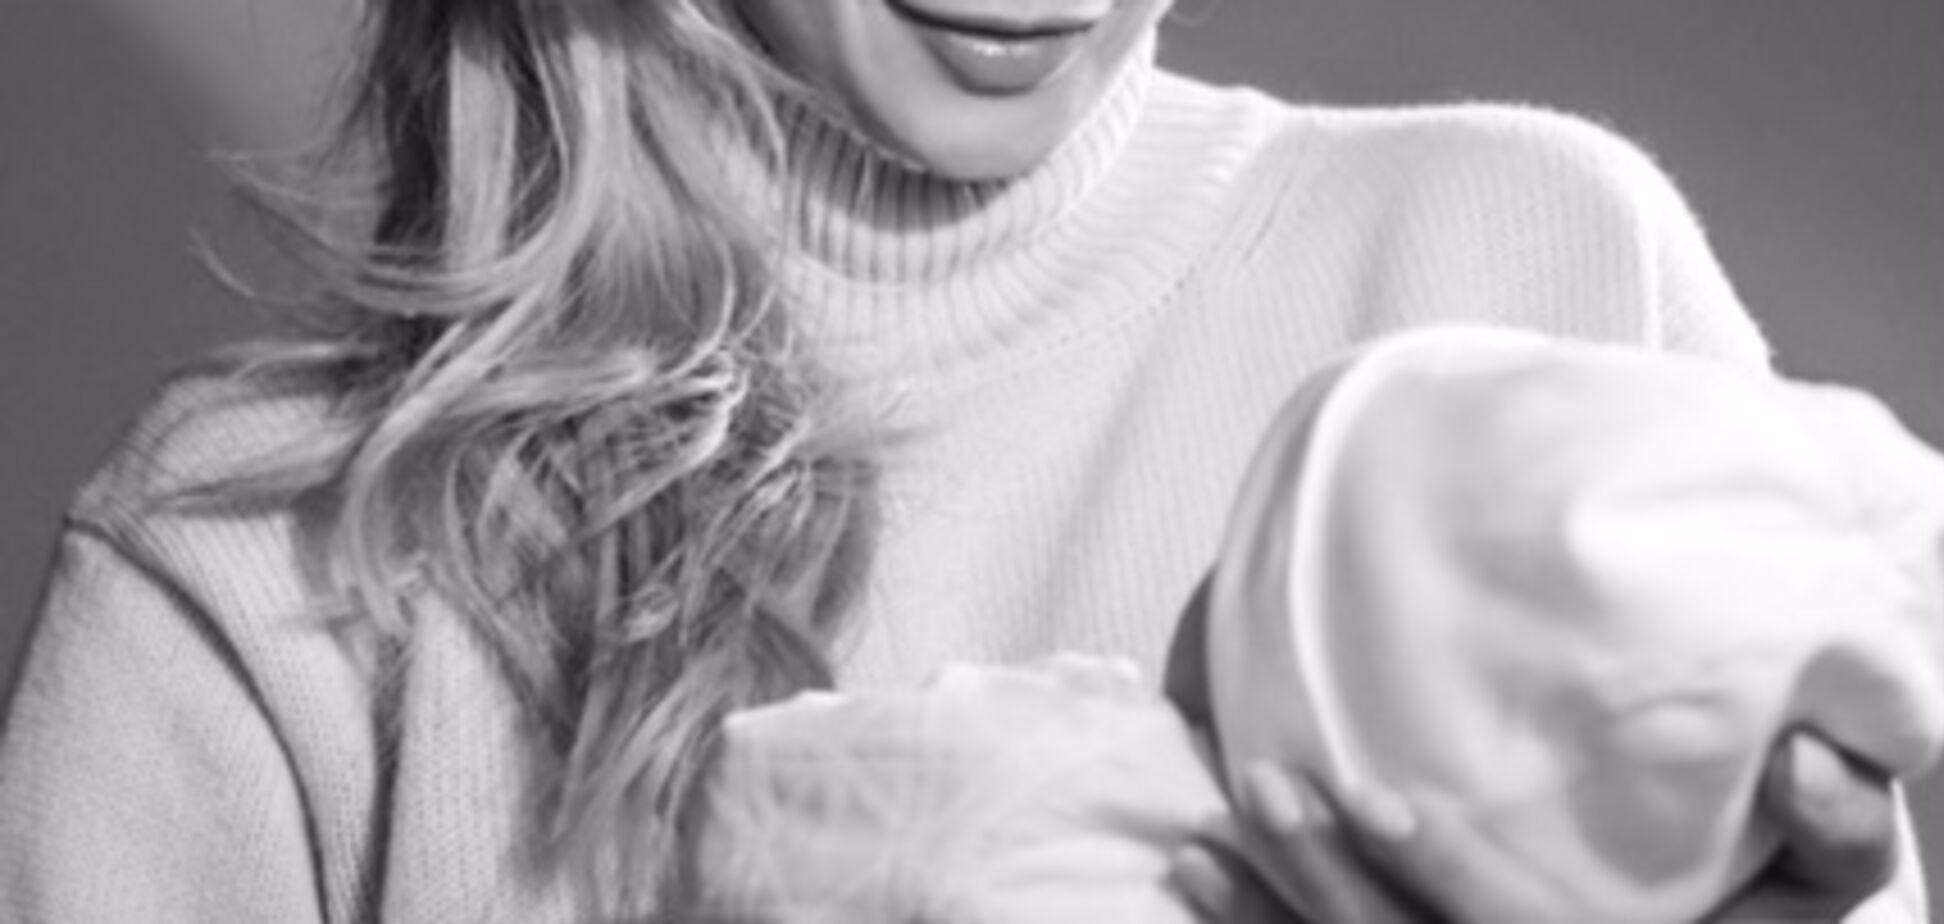 Нардеп Татьяна Донец показала первое фото с дочерью